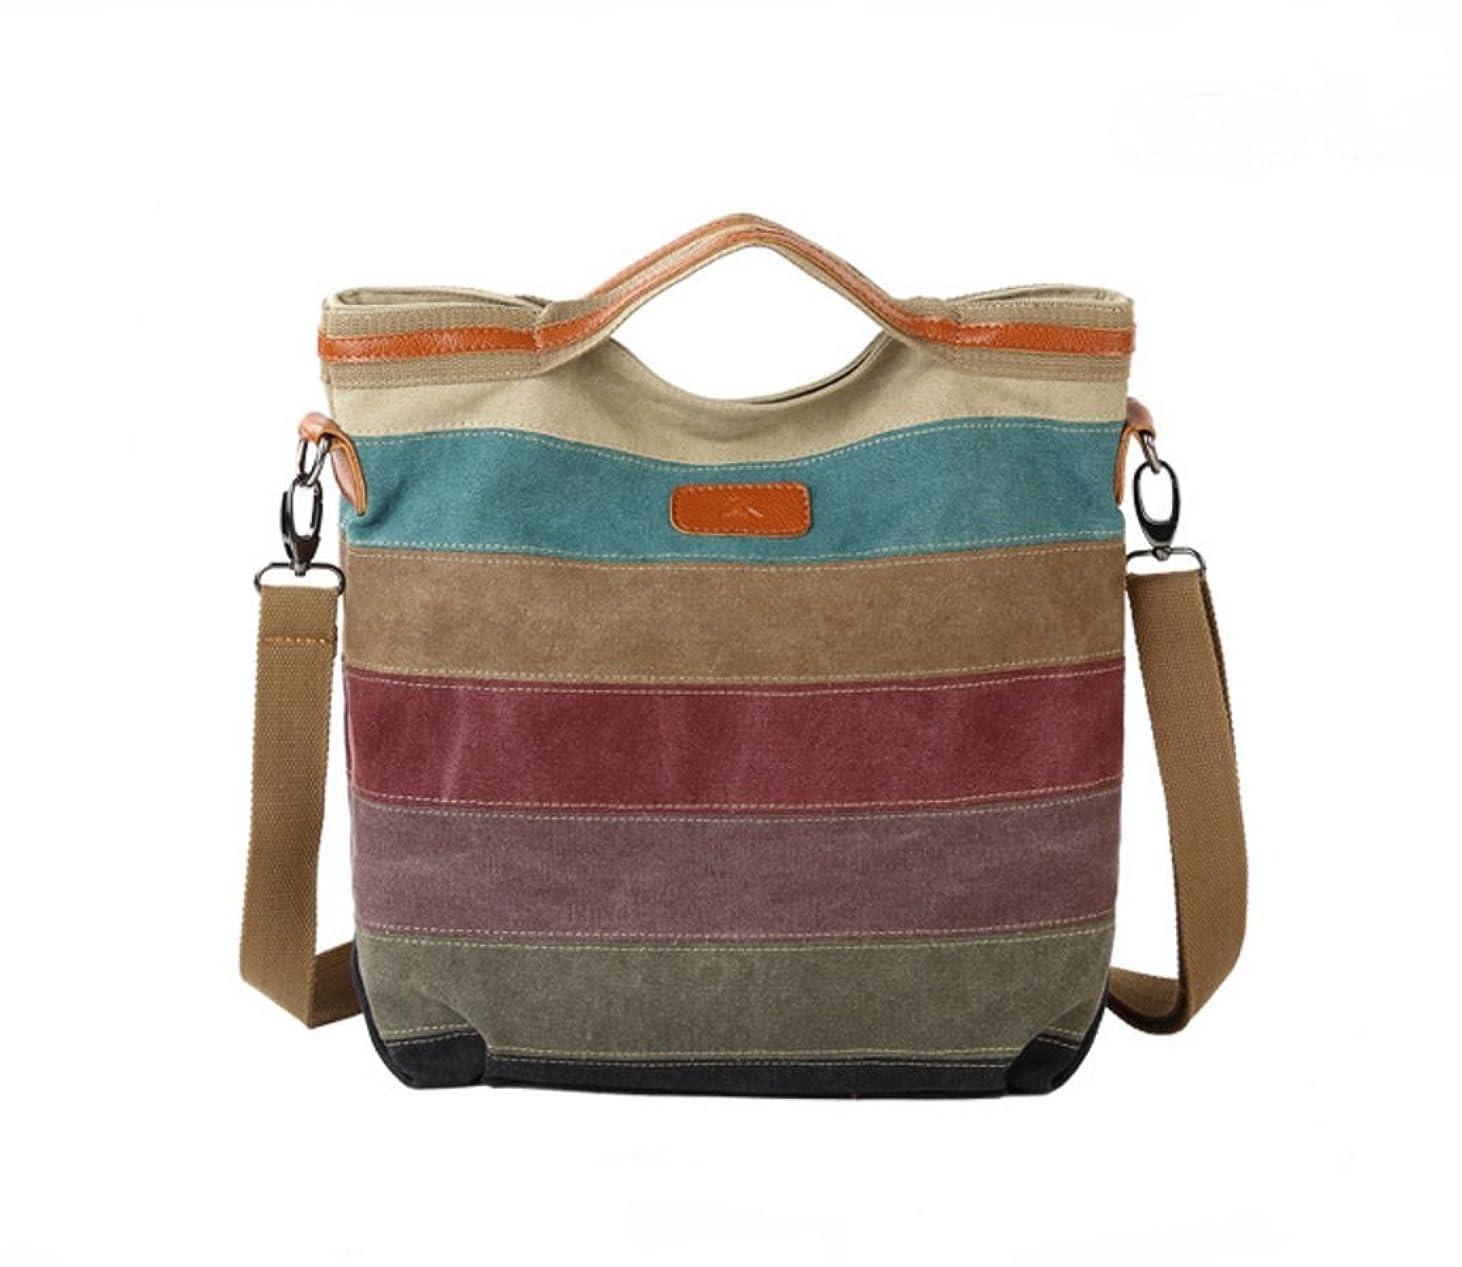 落ち着くドットシフト女性レディーキャンバスマルチヒットショルダーバッグハンドバッグメッセンジャーバッグ